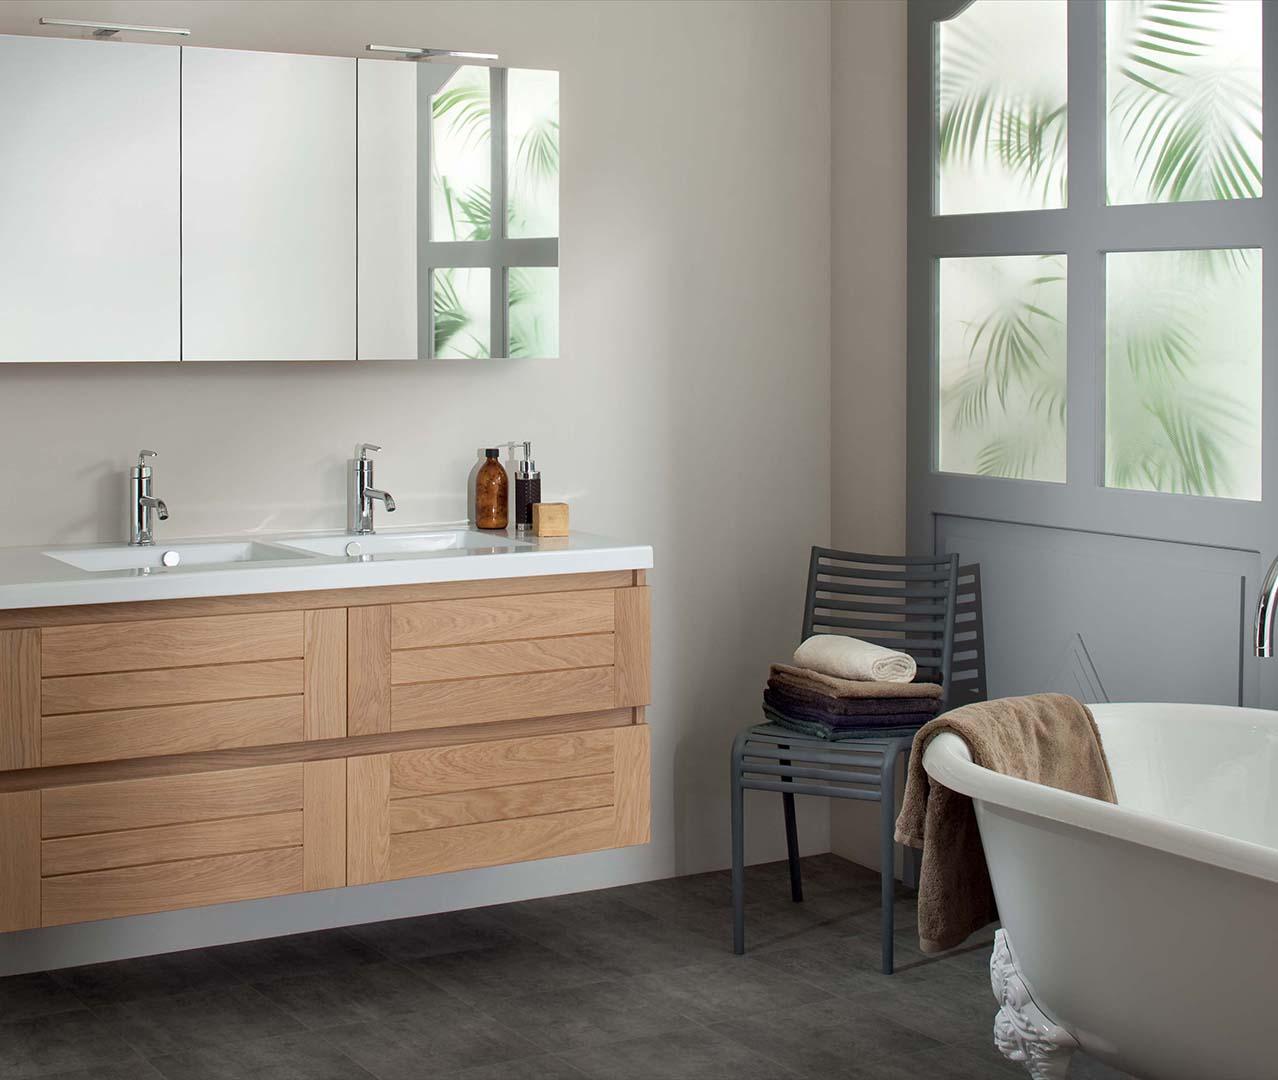 Toutes nos gammes meuble salle de bains sanijura - Meuble sanijura salle de bain ...